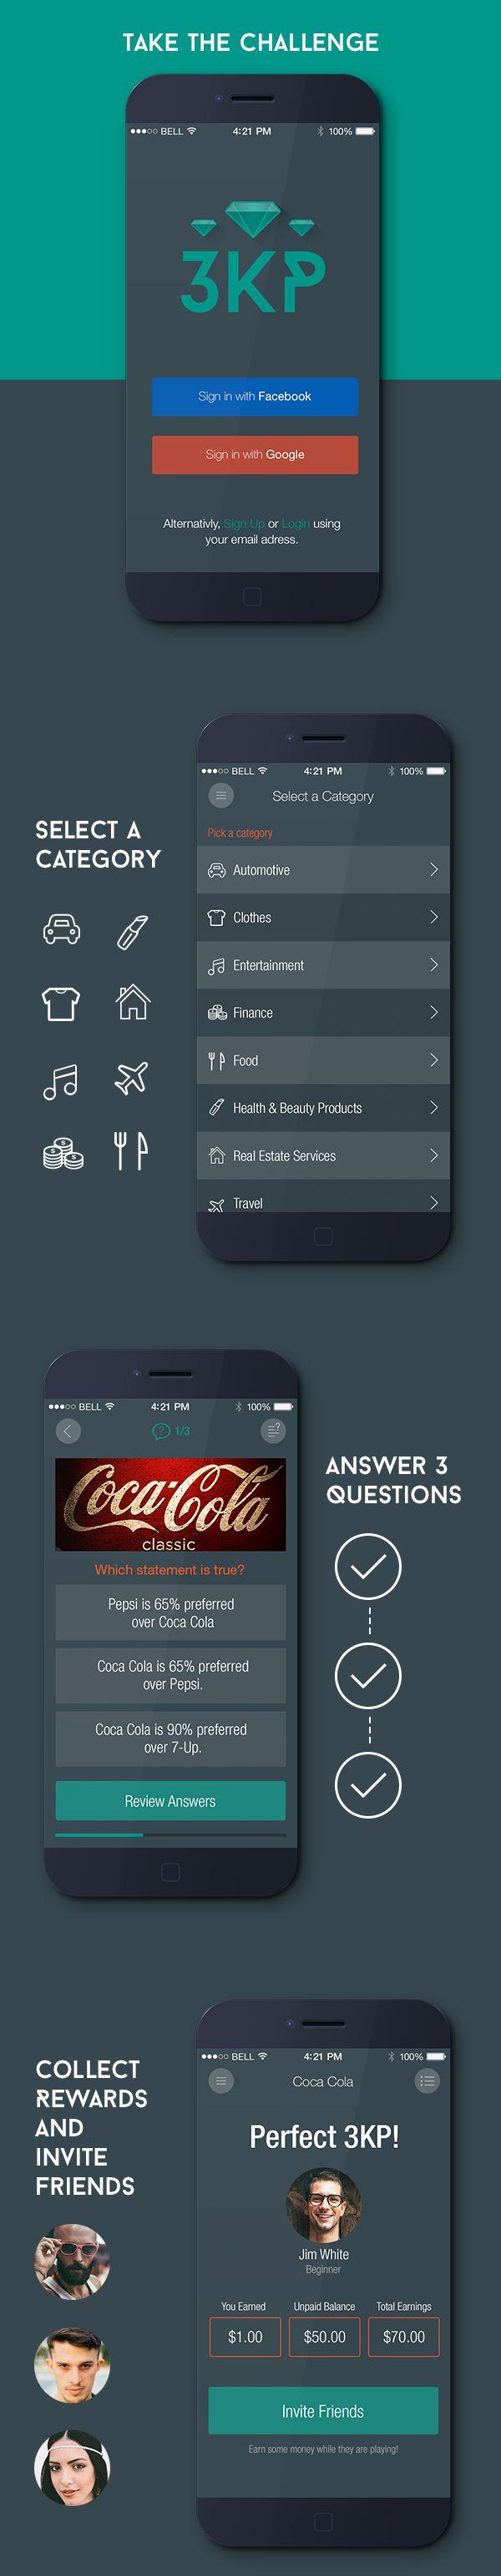 Quiz App Design by Barbara, via Behance